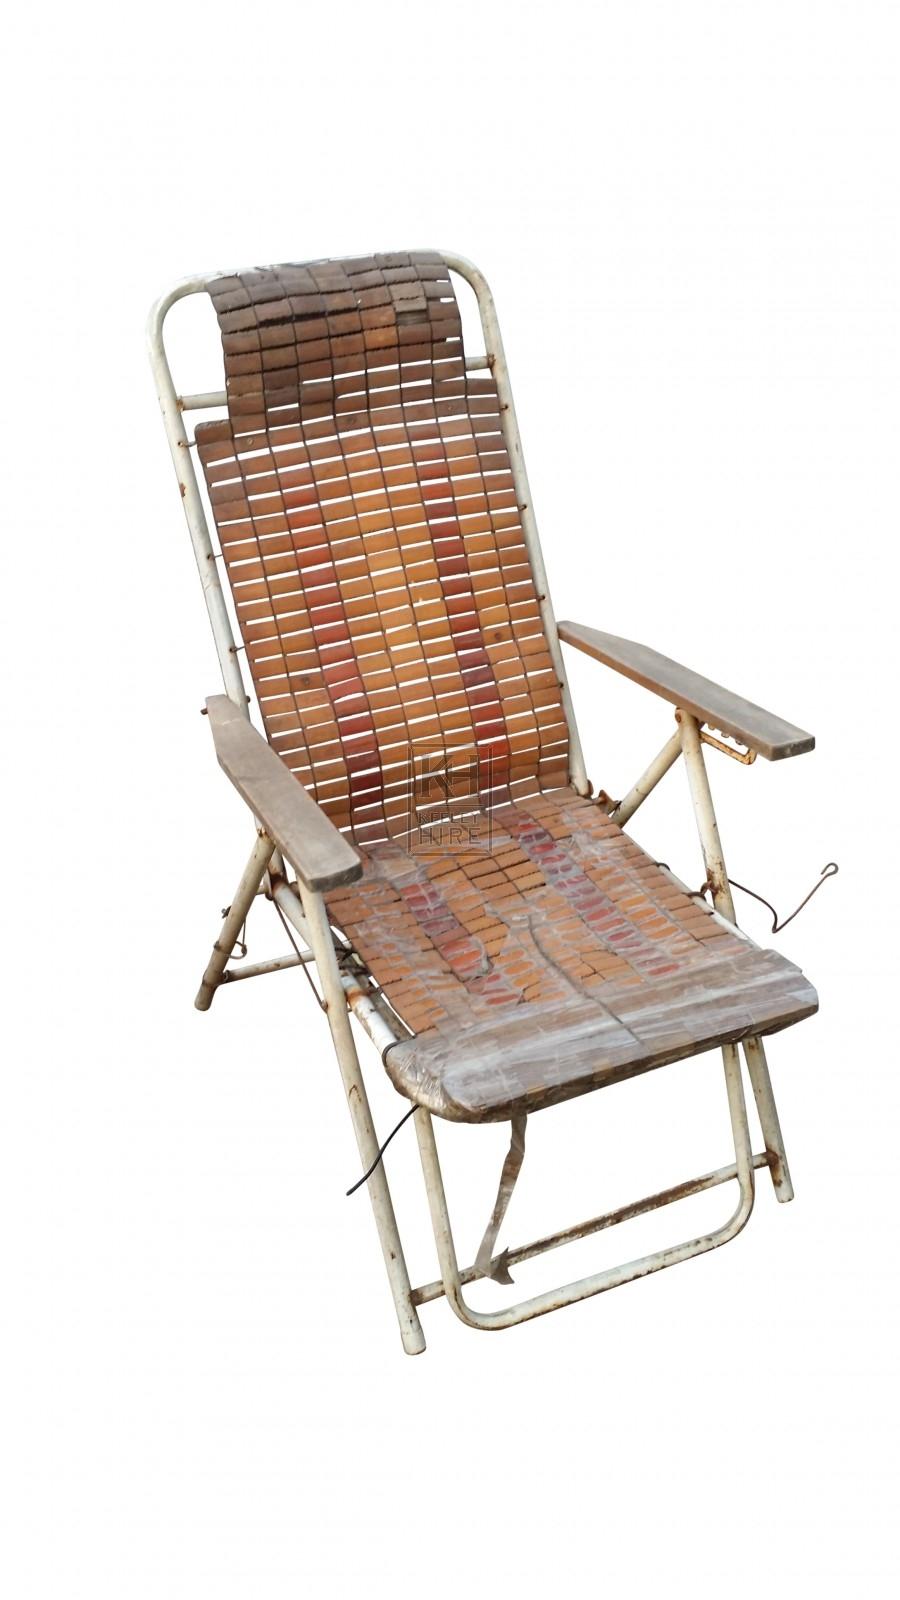 Woven deck chair